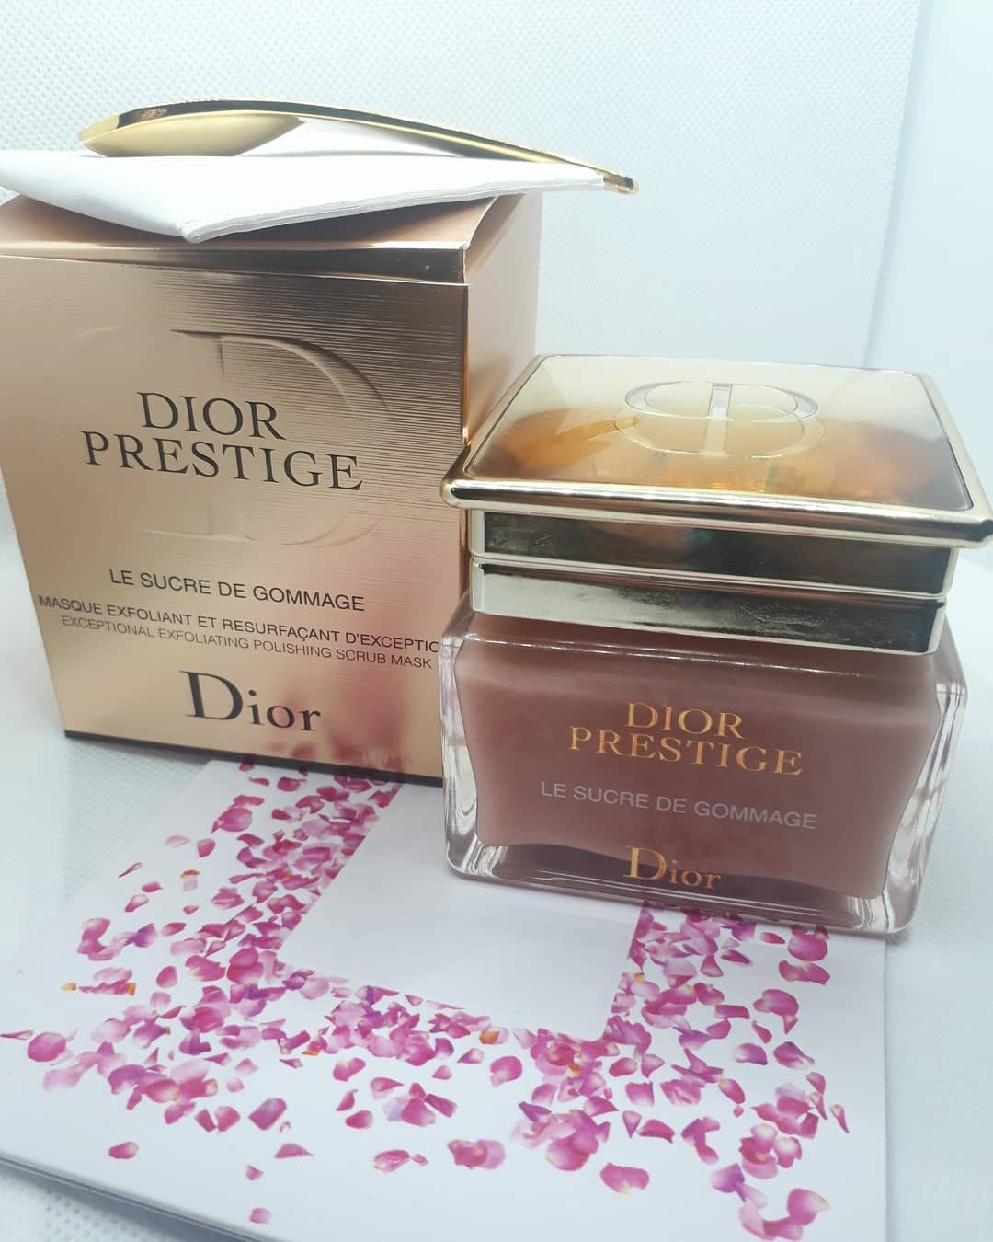 Dior(ディオール)プレステージ ル ゴマージュを使った Norikoさんのクチコミ画像